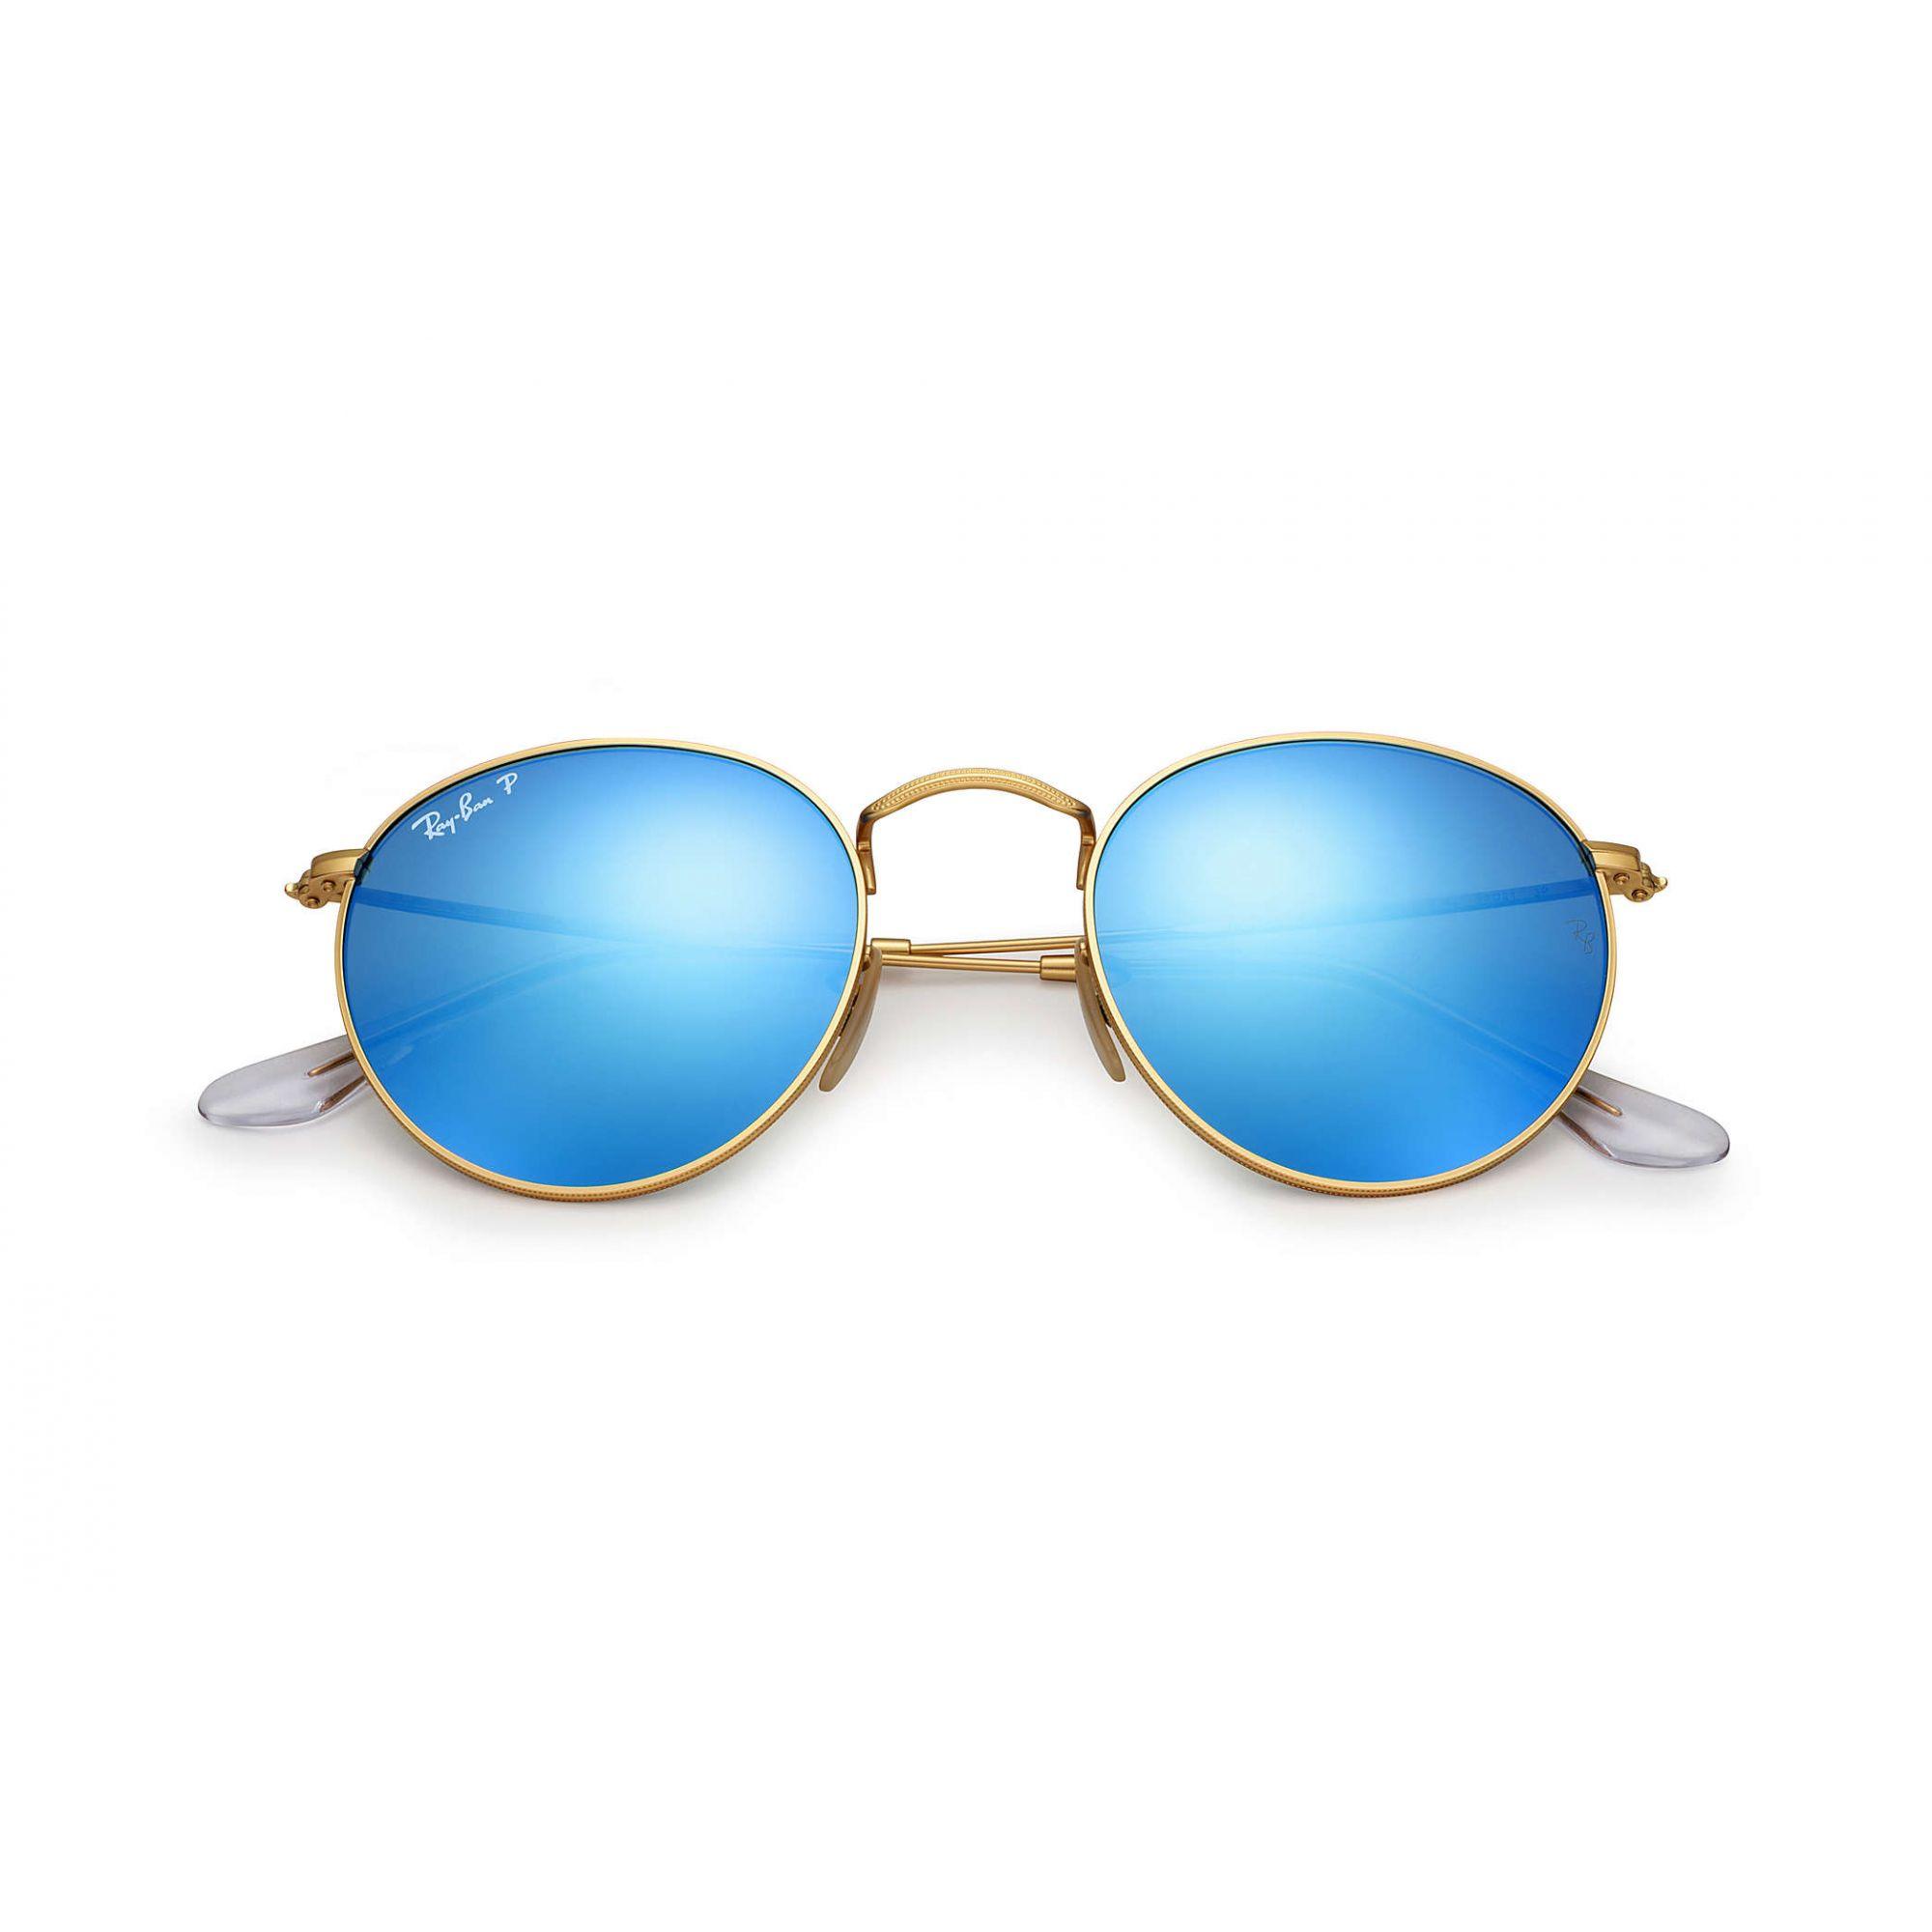 Óculos de Sol Ray-Ban Unissex RB 3447-N 001 3F - Omega Ótica e ... e315295ffb